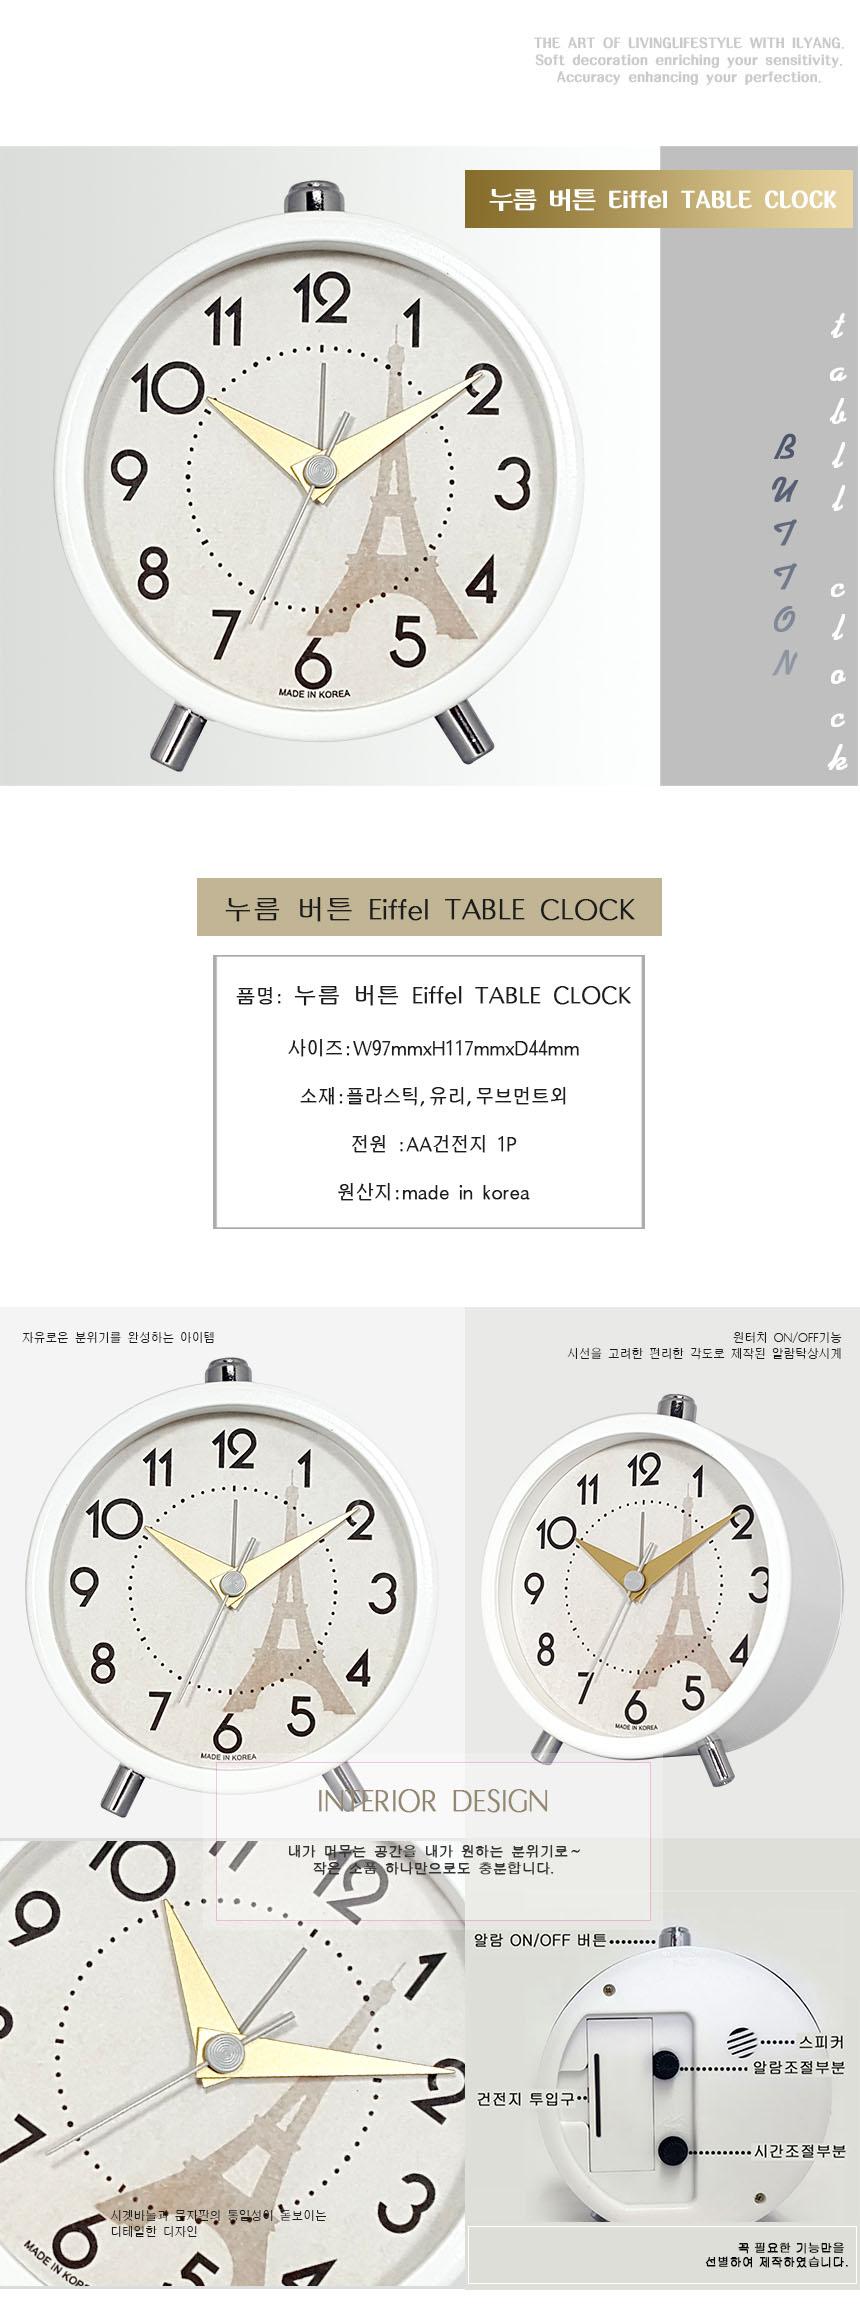 에펠 유럽풍 누름버튼 알람탁상시계 - 일이삼클락, 19,000원, 알람/탁상시계, 알람시계